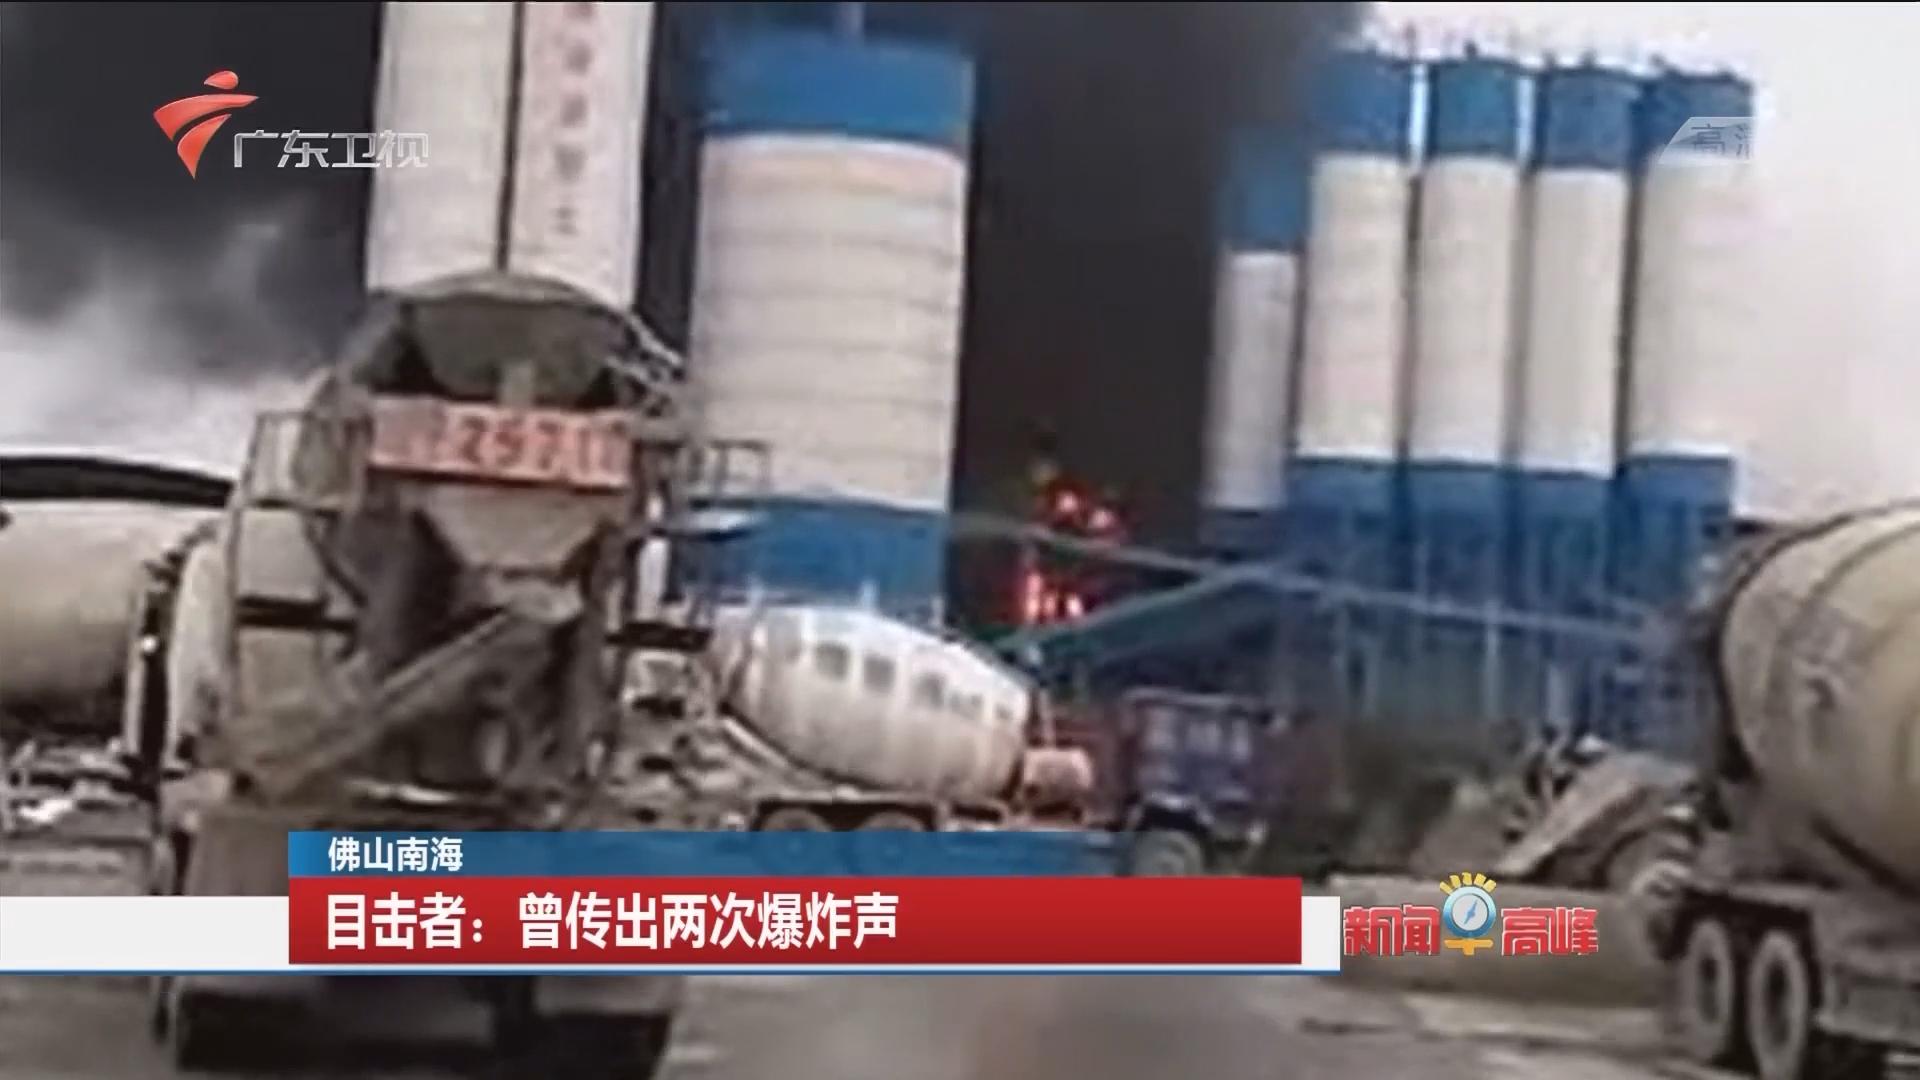 佛山南海:一间沥青厂爆燃致4人死亡